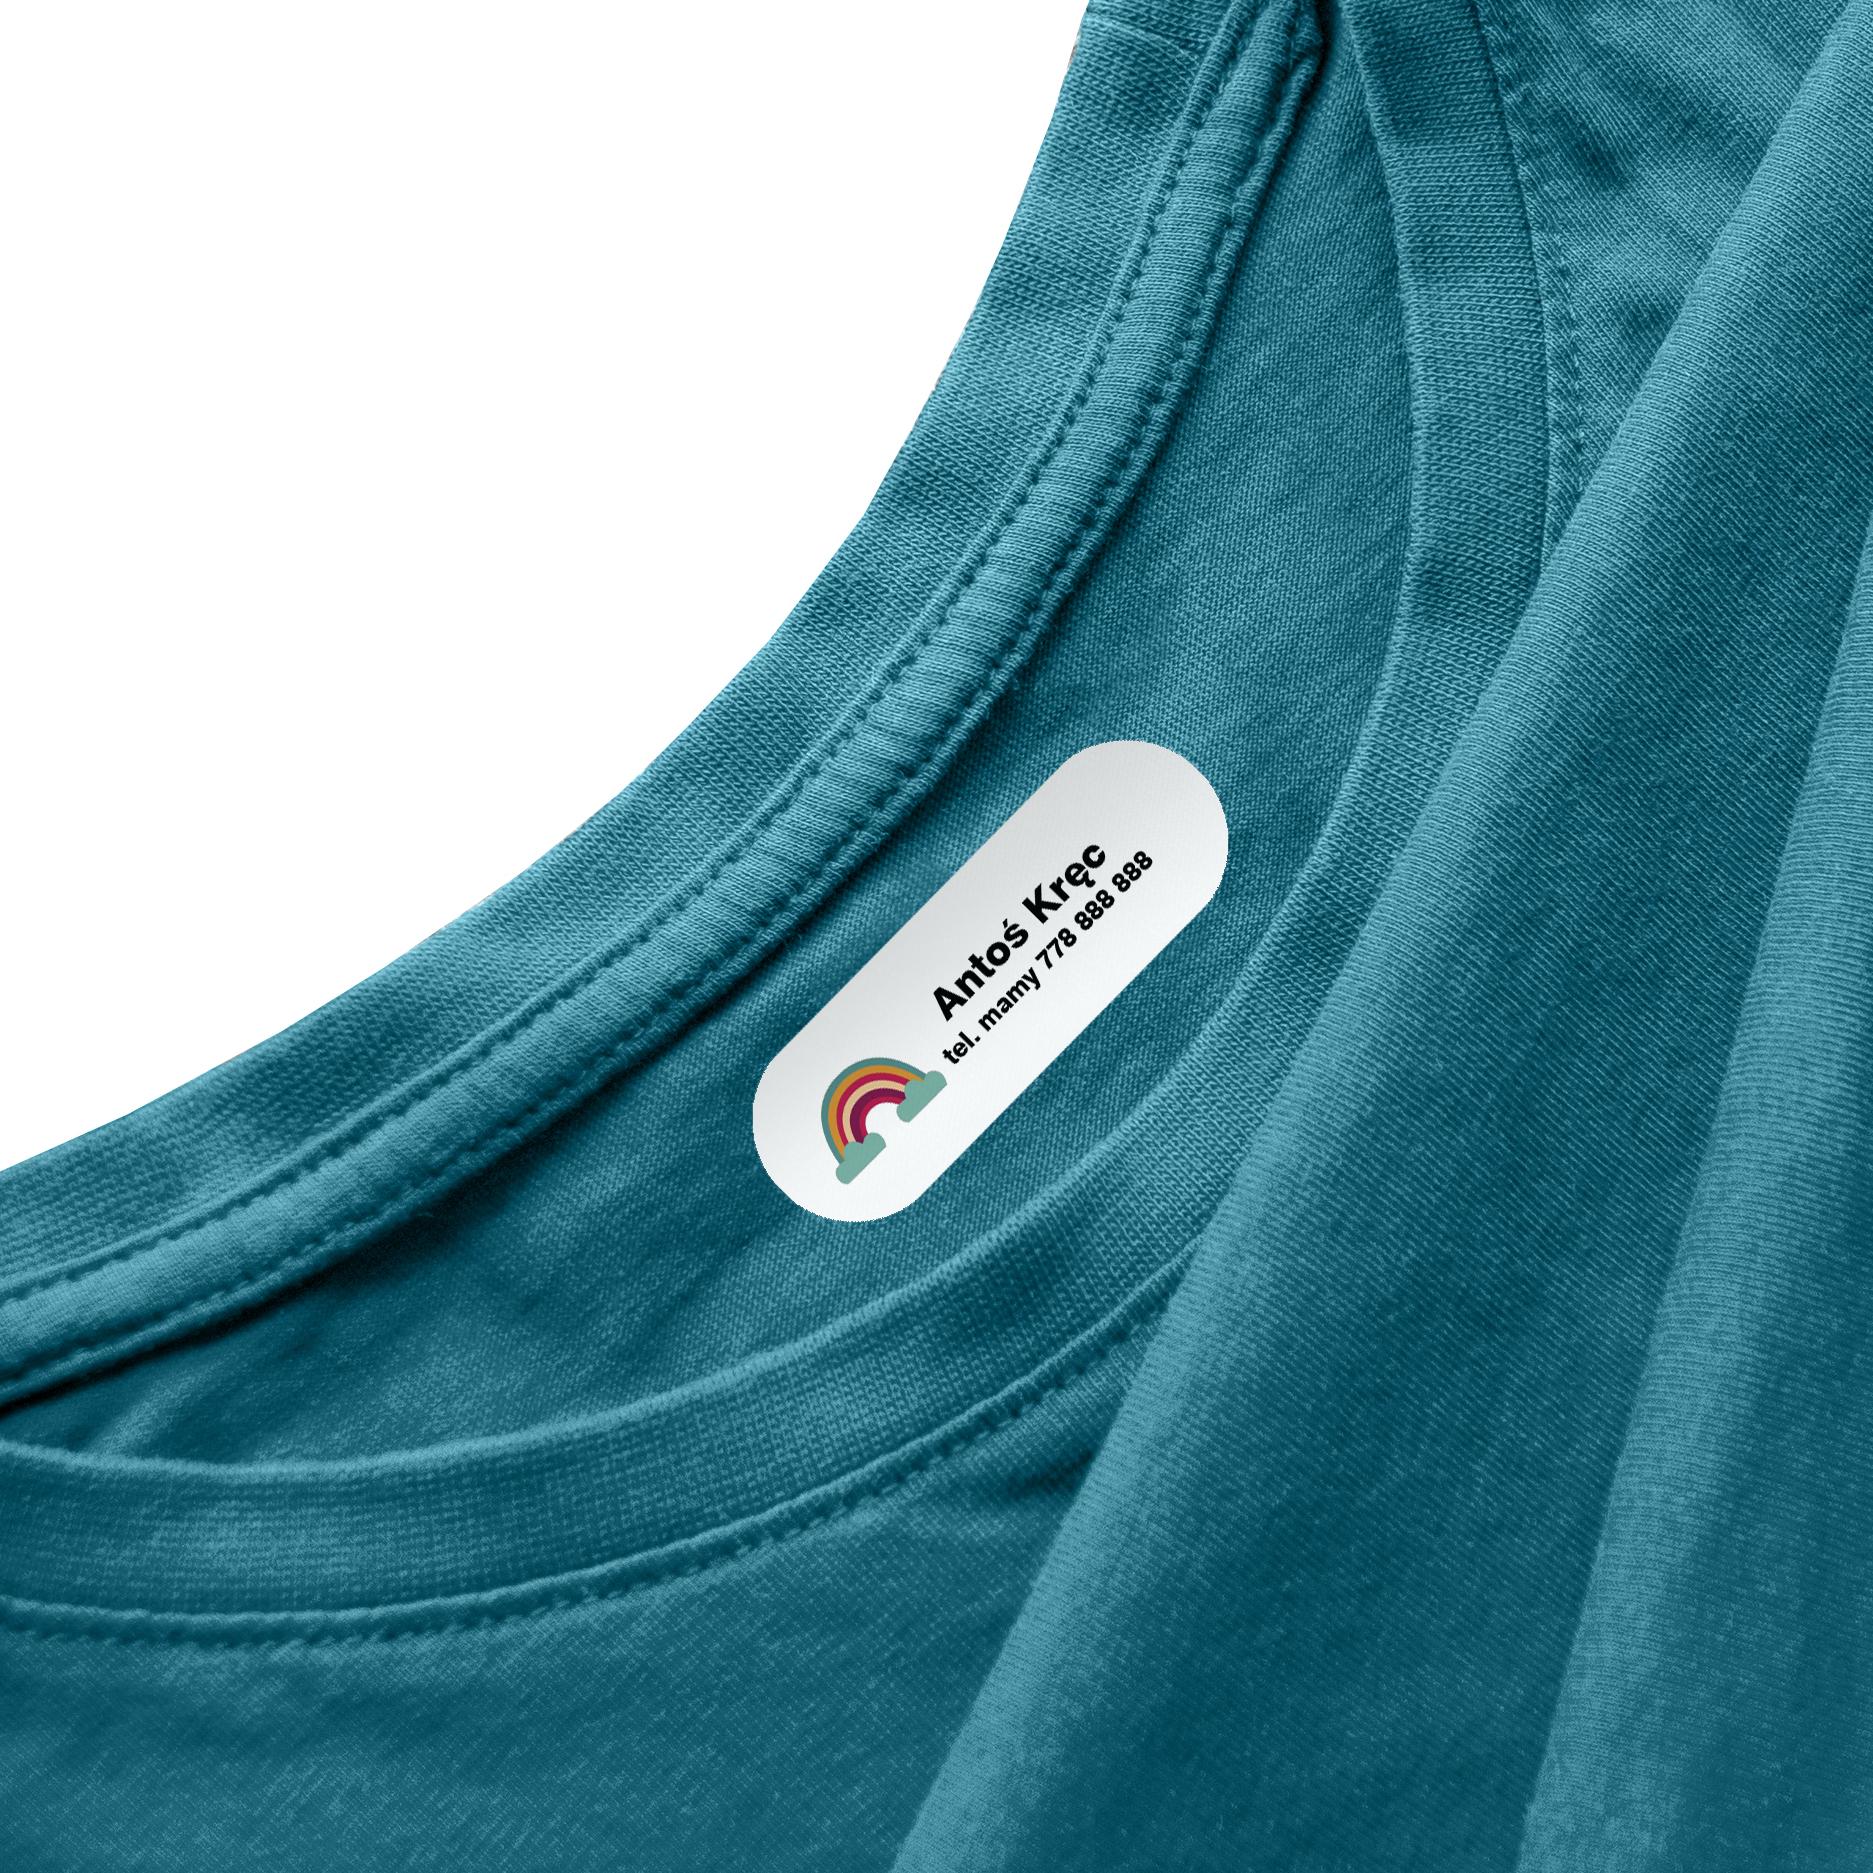 Naprasowanki na ubrania naprasowanka imienna metki dla dziecka tęcza z chmurką